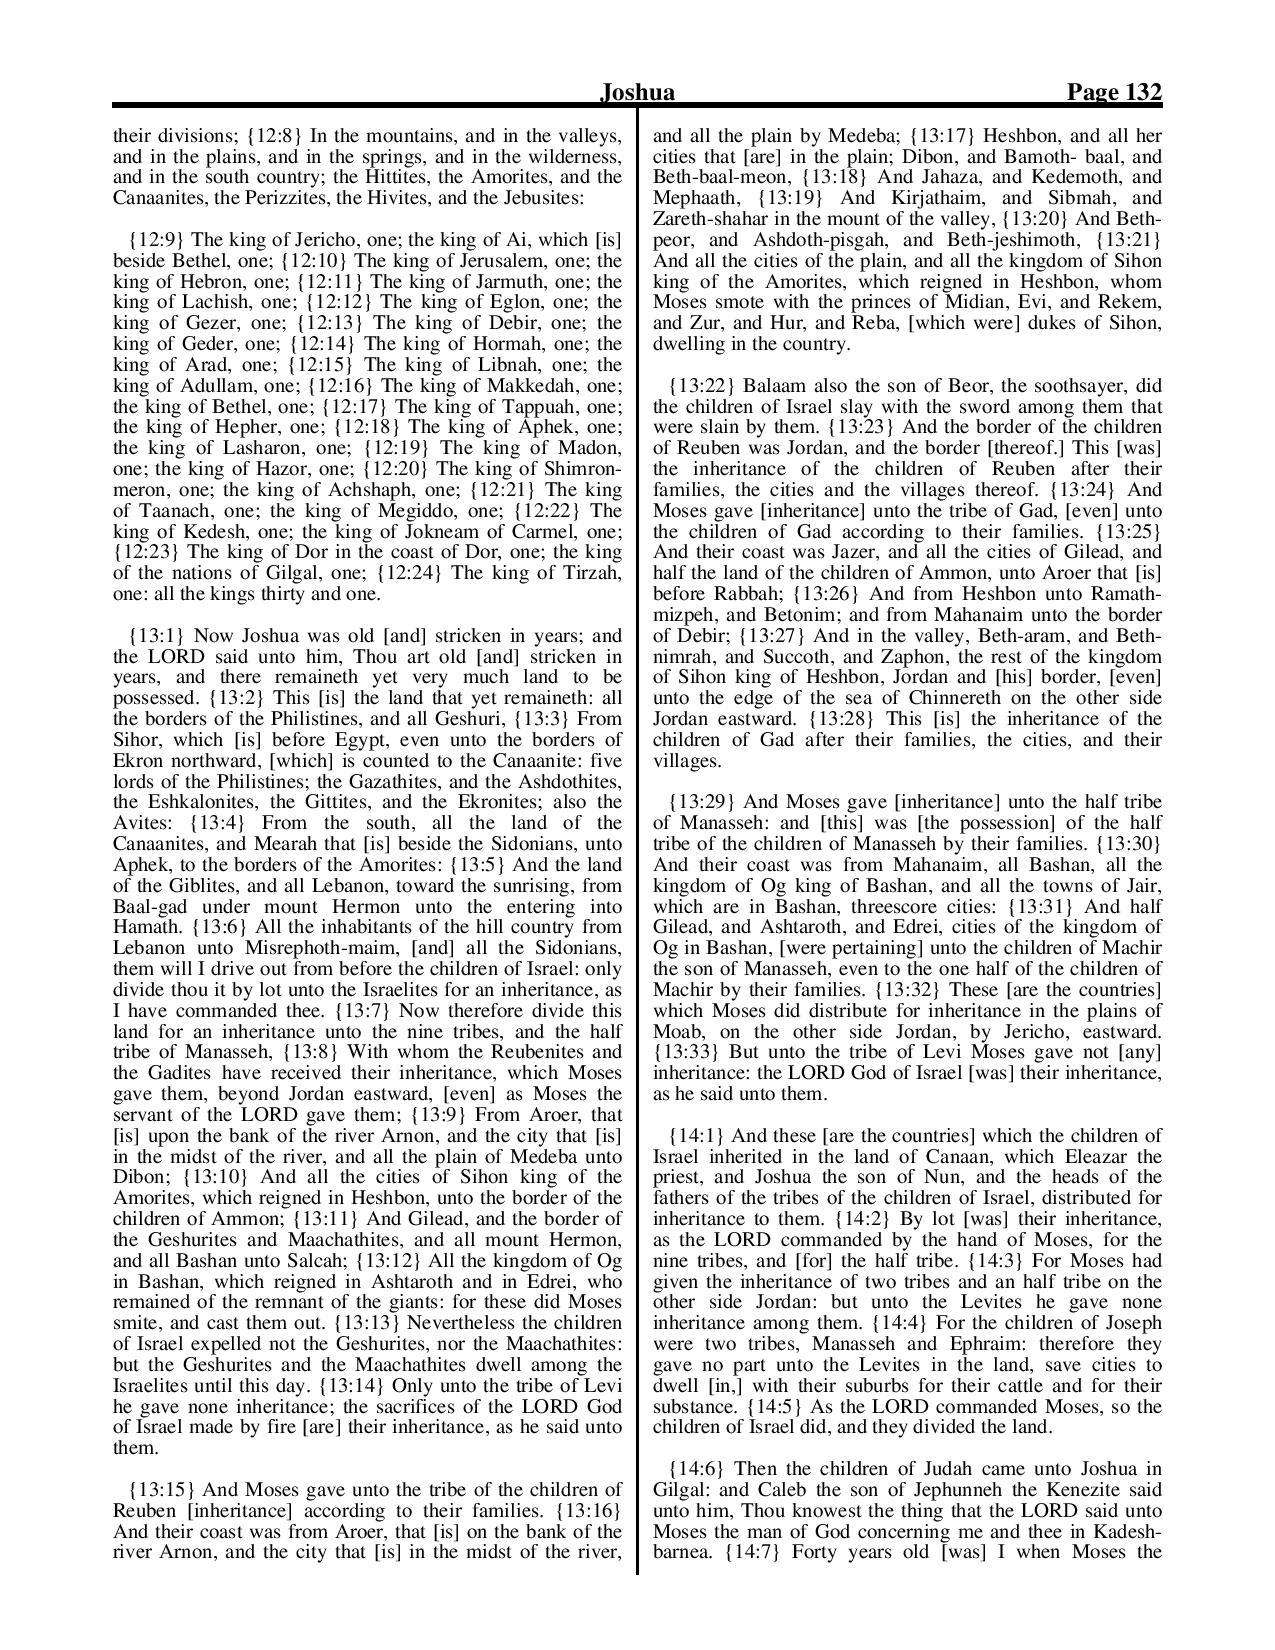 King-James-Bible-KJV-Bible-PDF-page-153